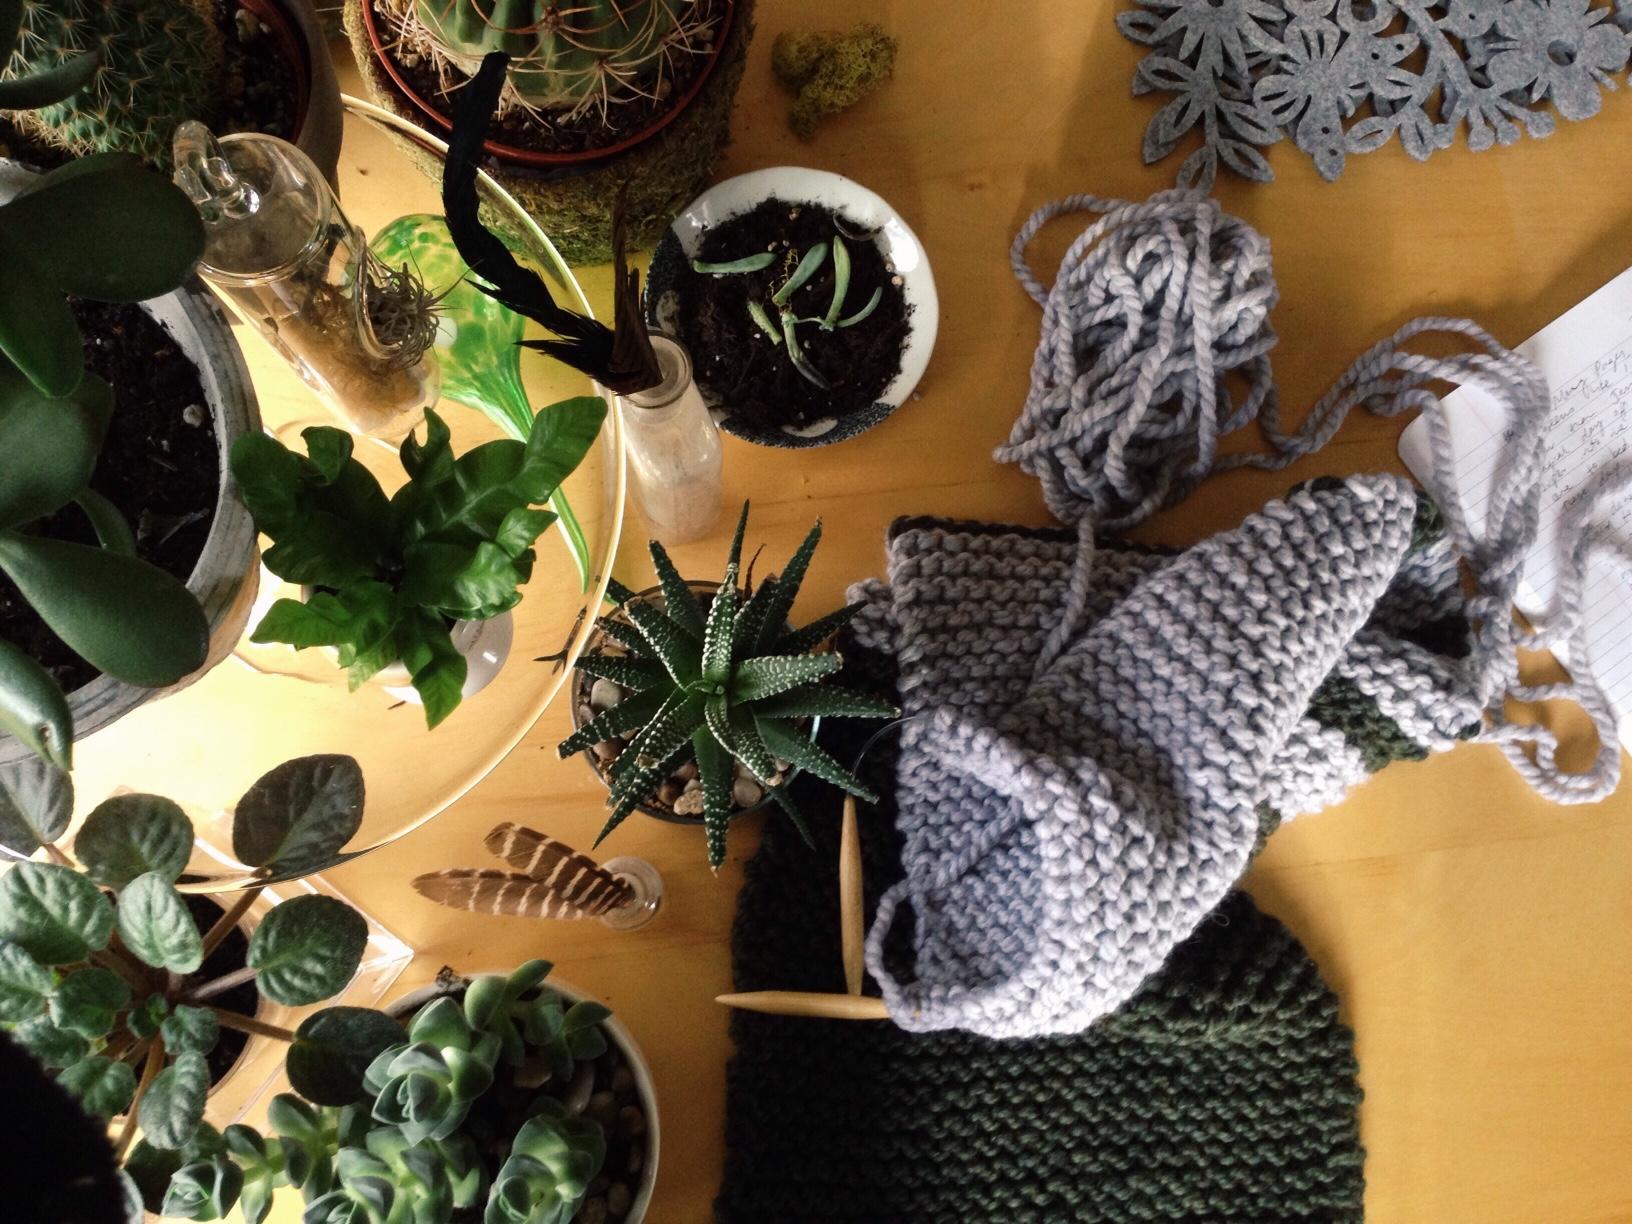 plants and knitting table top tara galuska